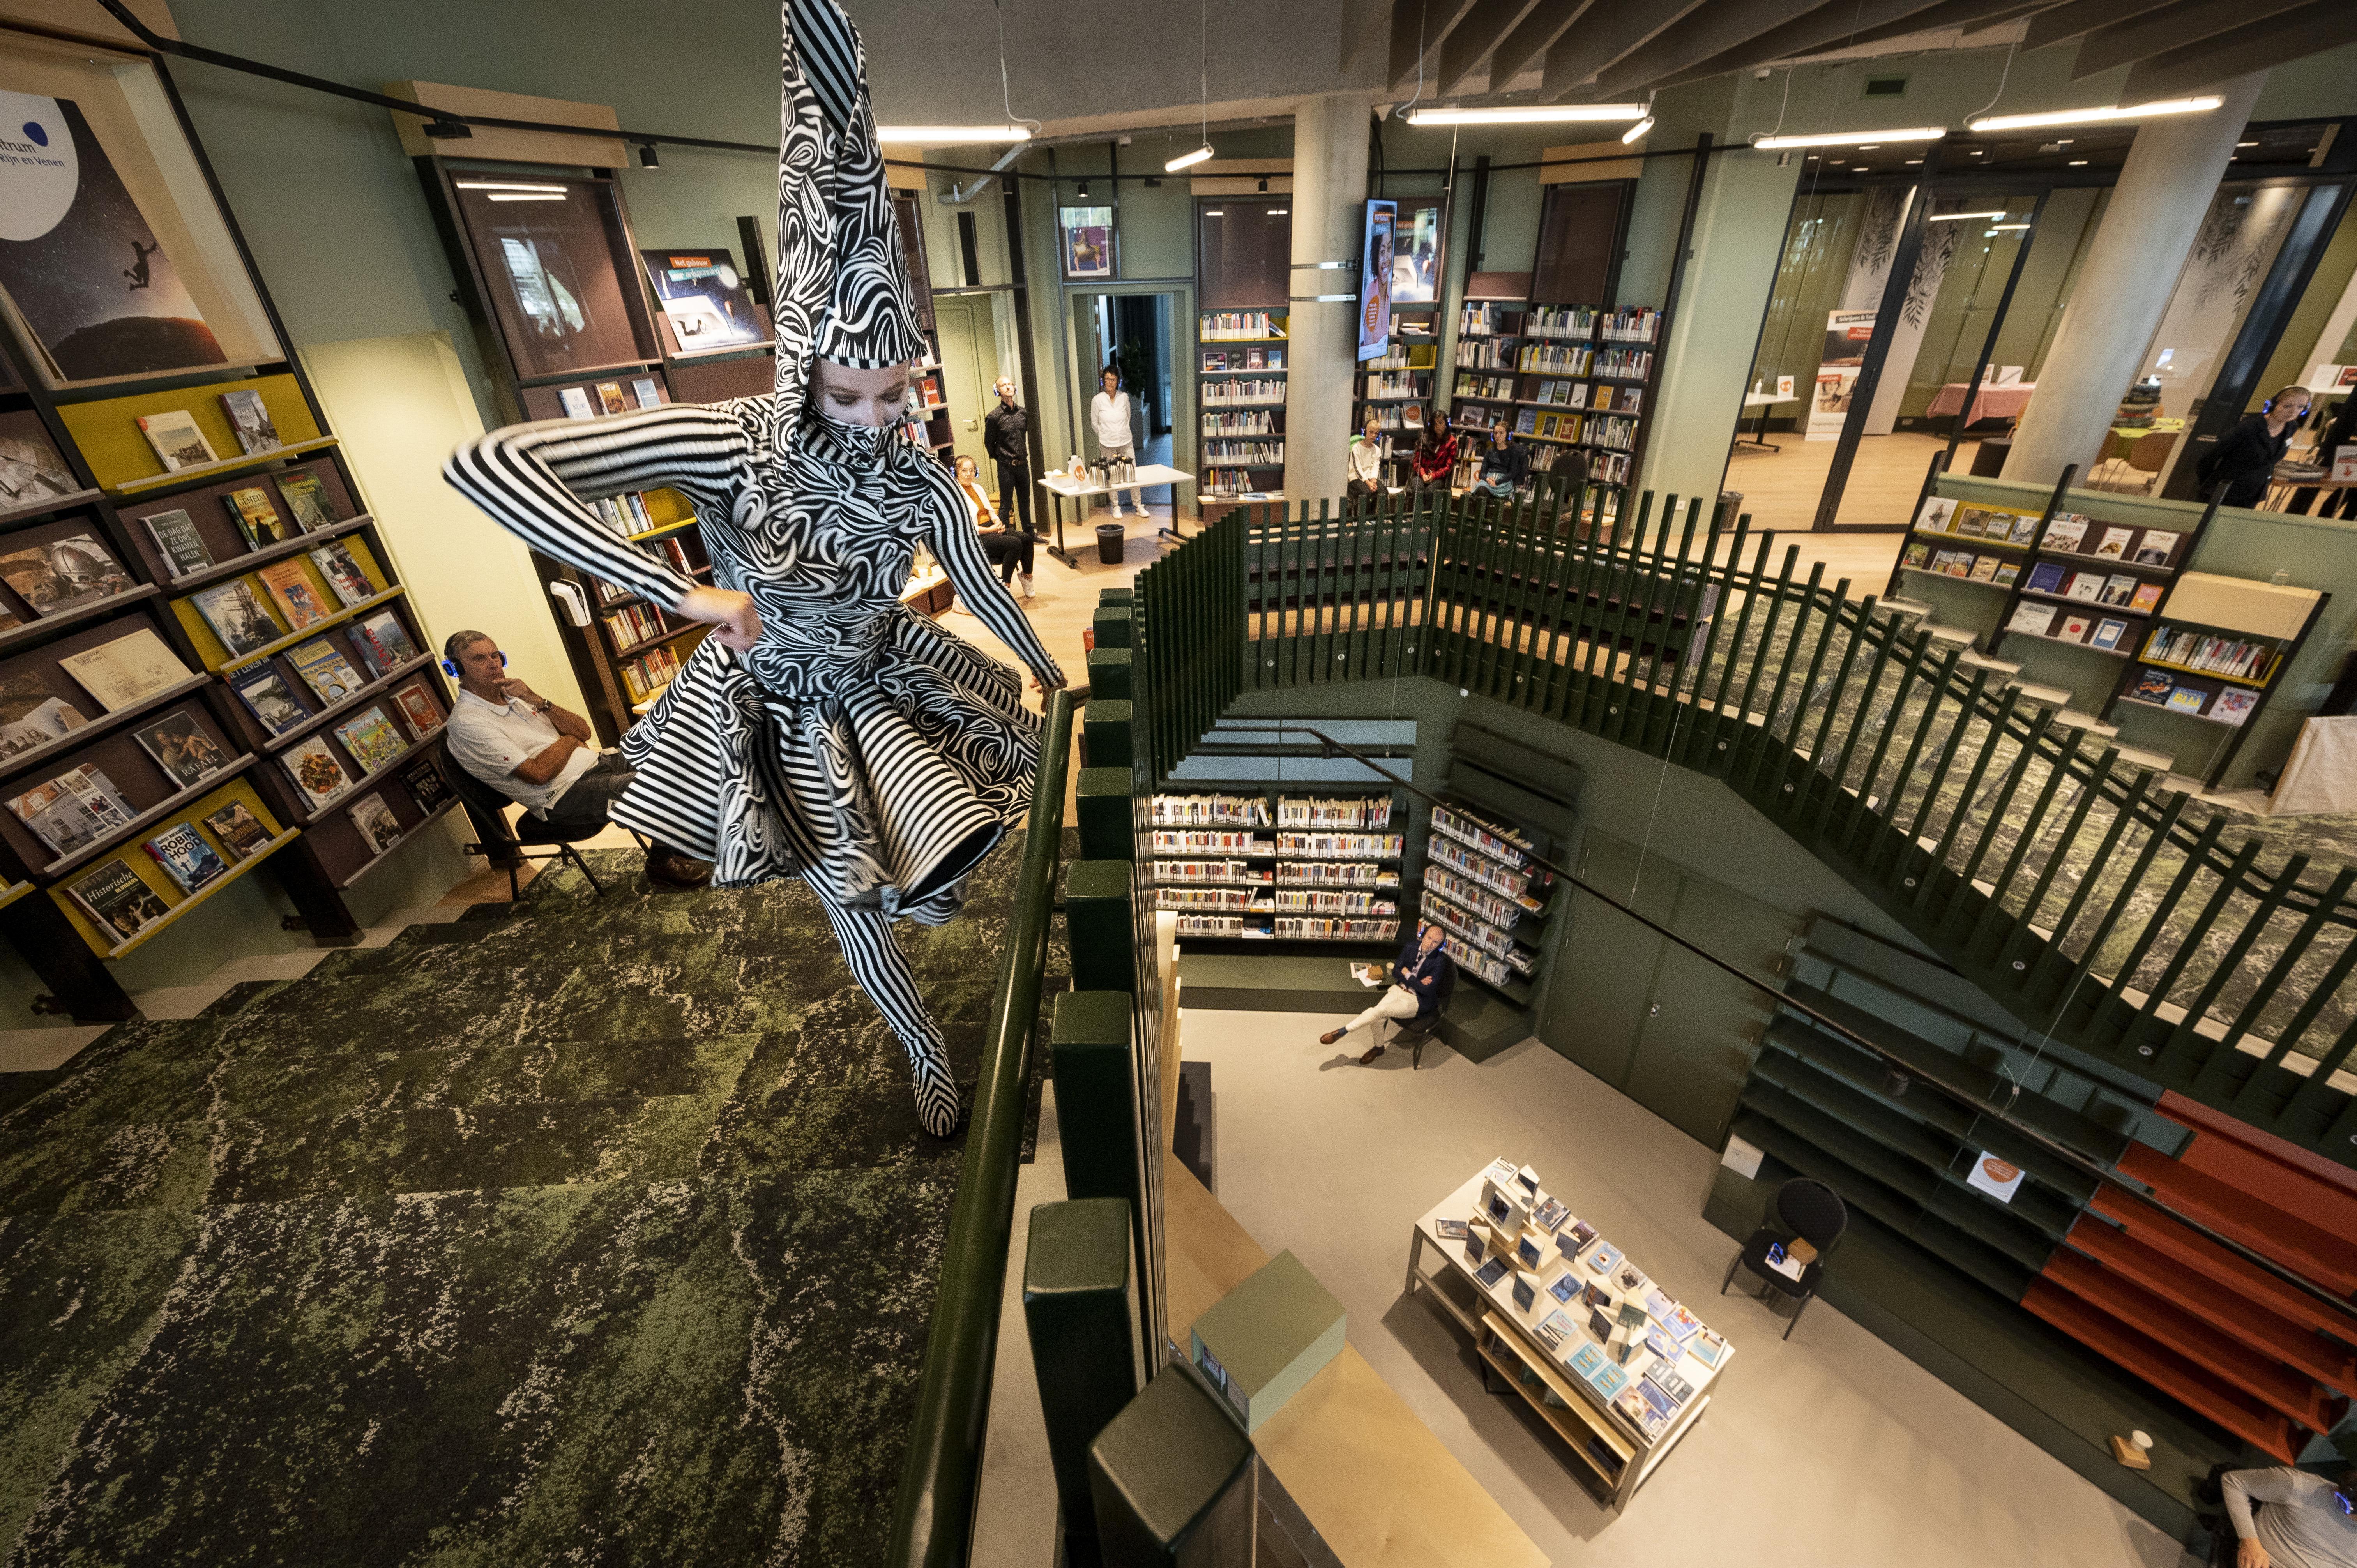 Lift nieuwe bibliotheek aan Aarkade in Alphen is te klein voor scootmobiel; aanpassing niet nodig, zegt wethouder